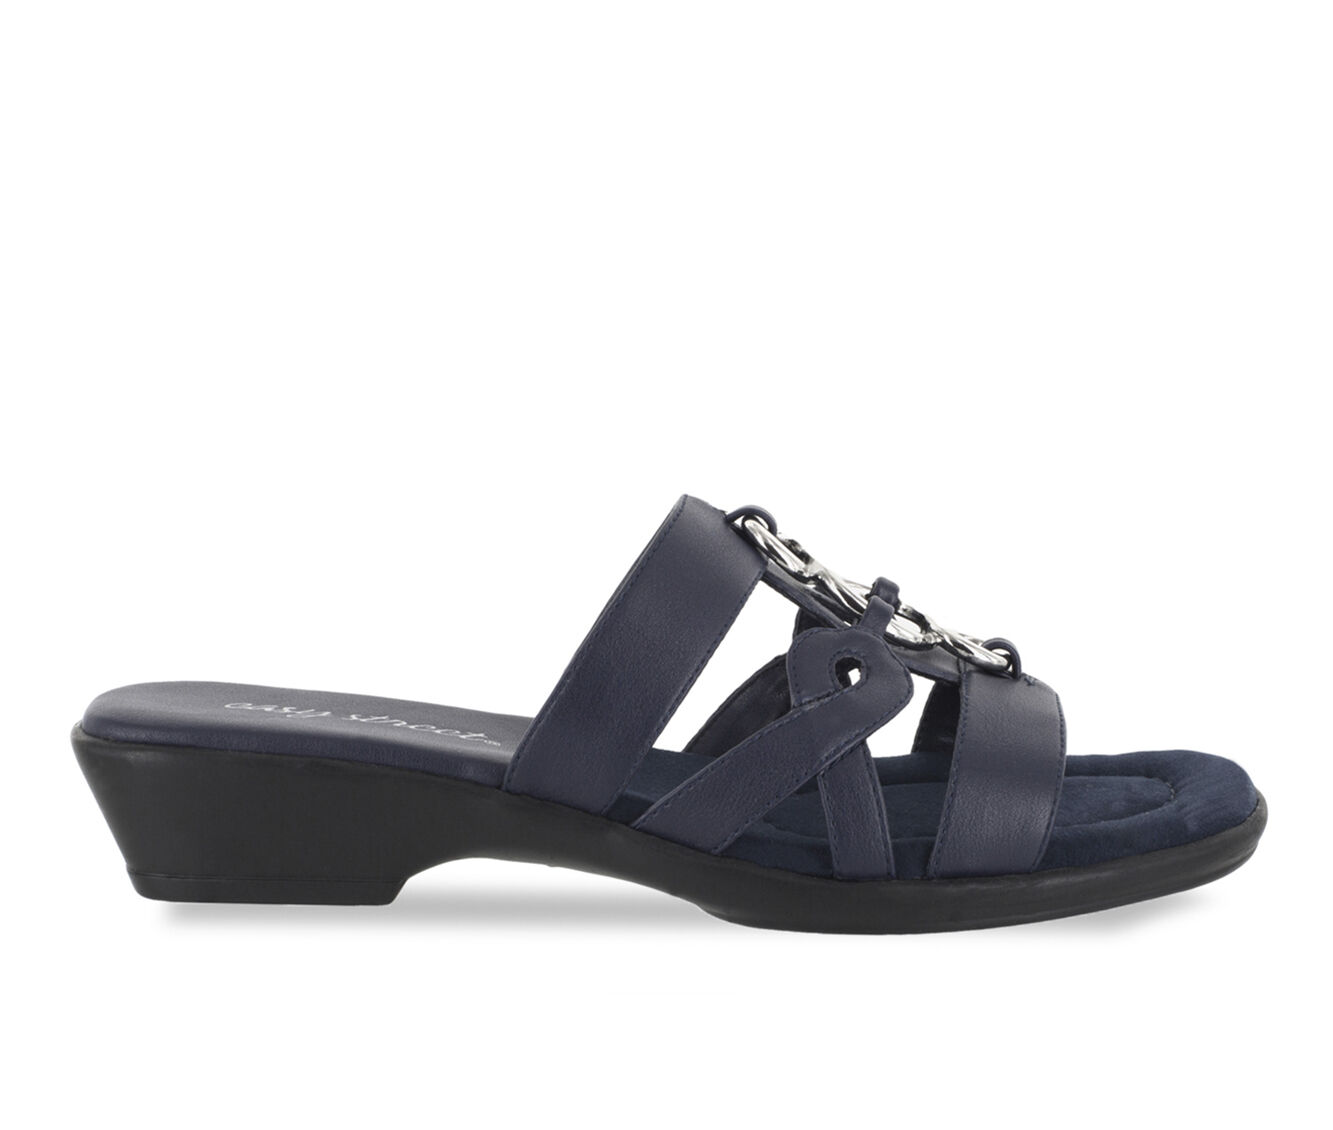 For Sale Women's Easy Street Torrid Sandals Navy